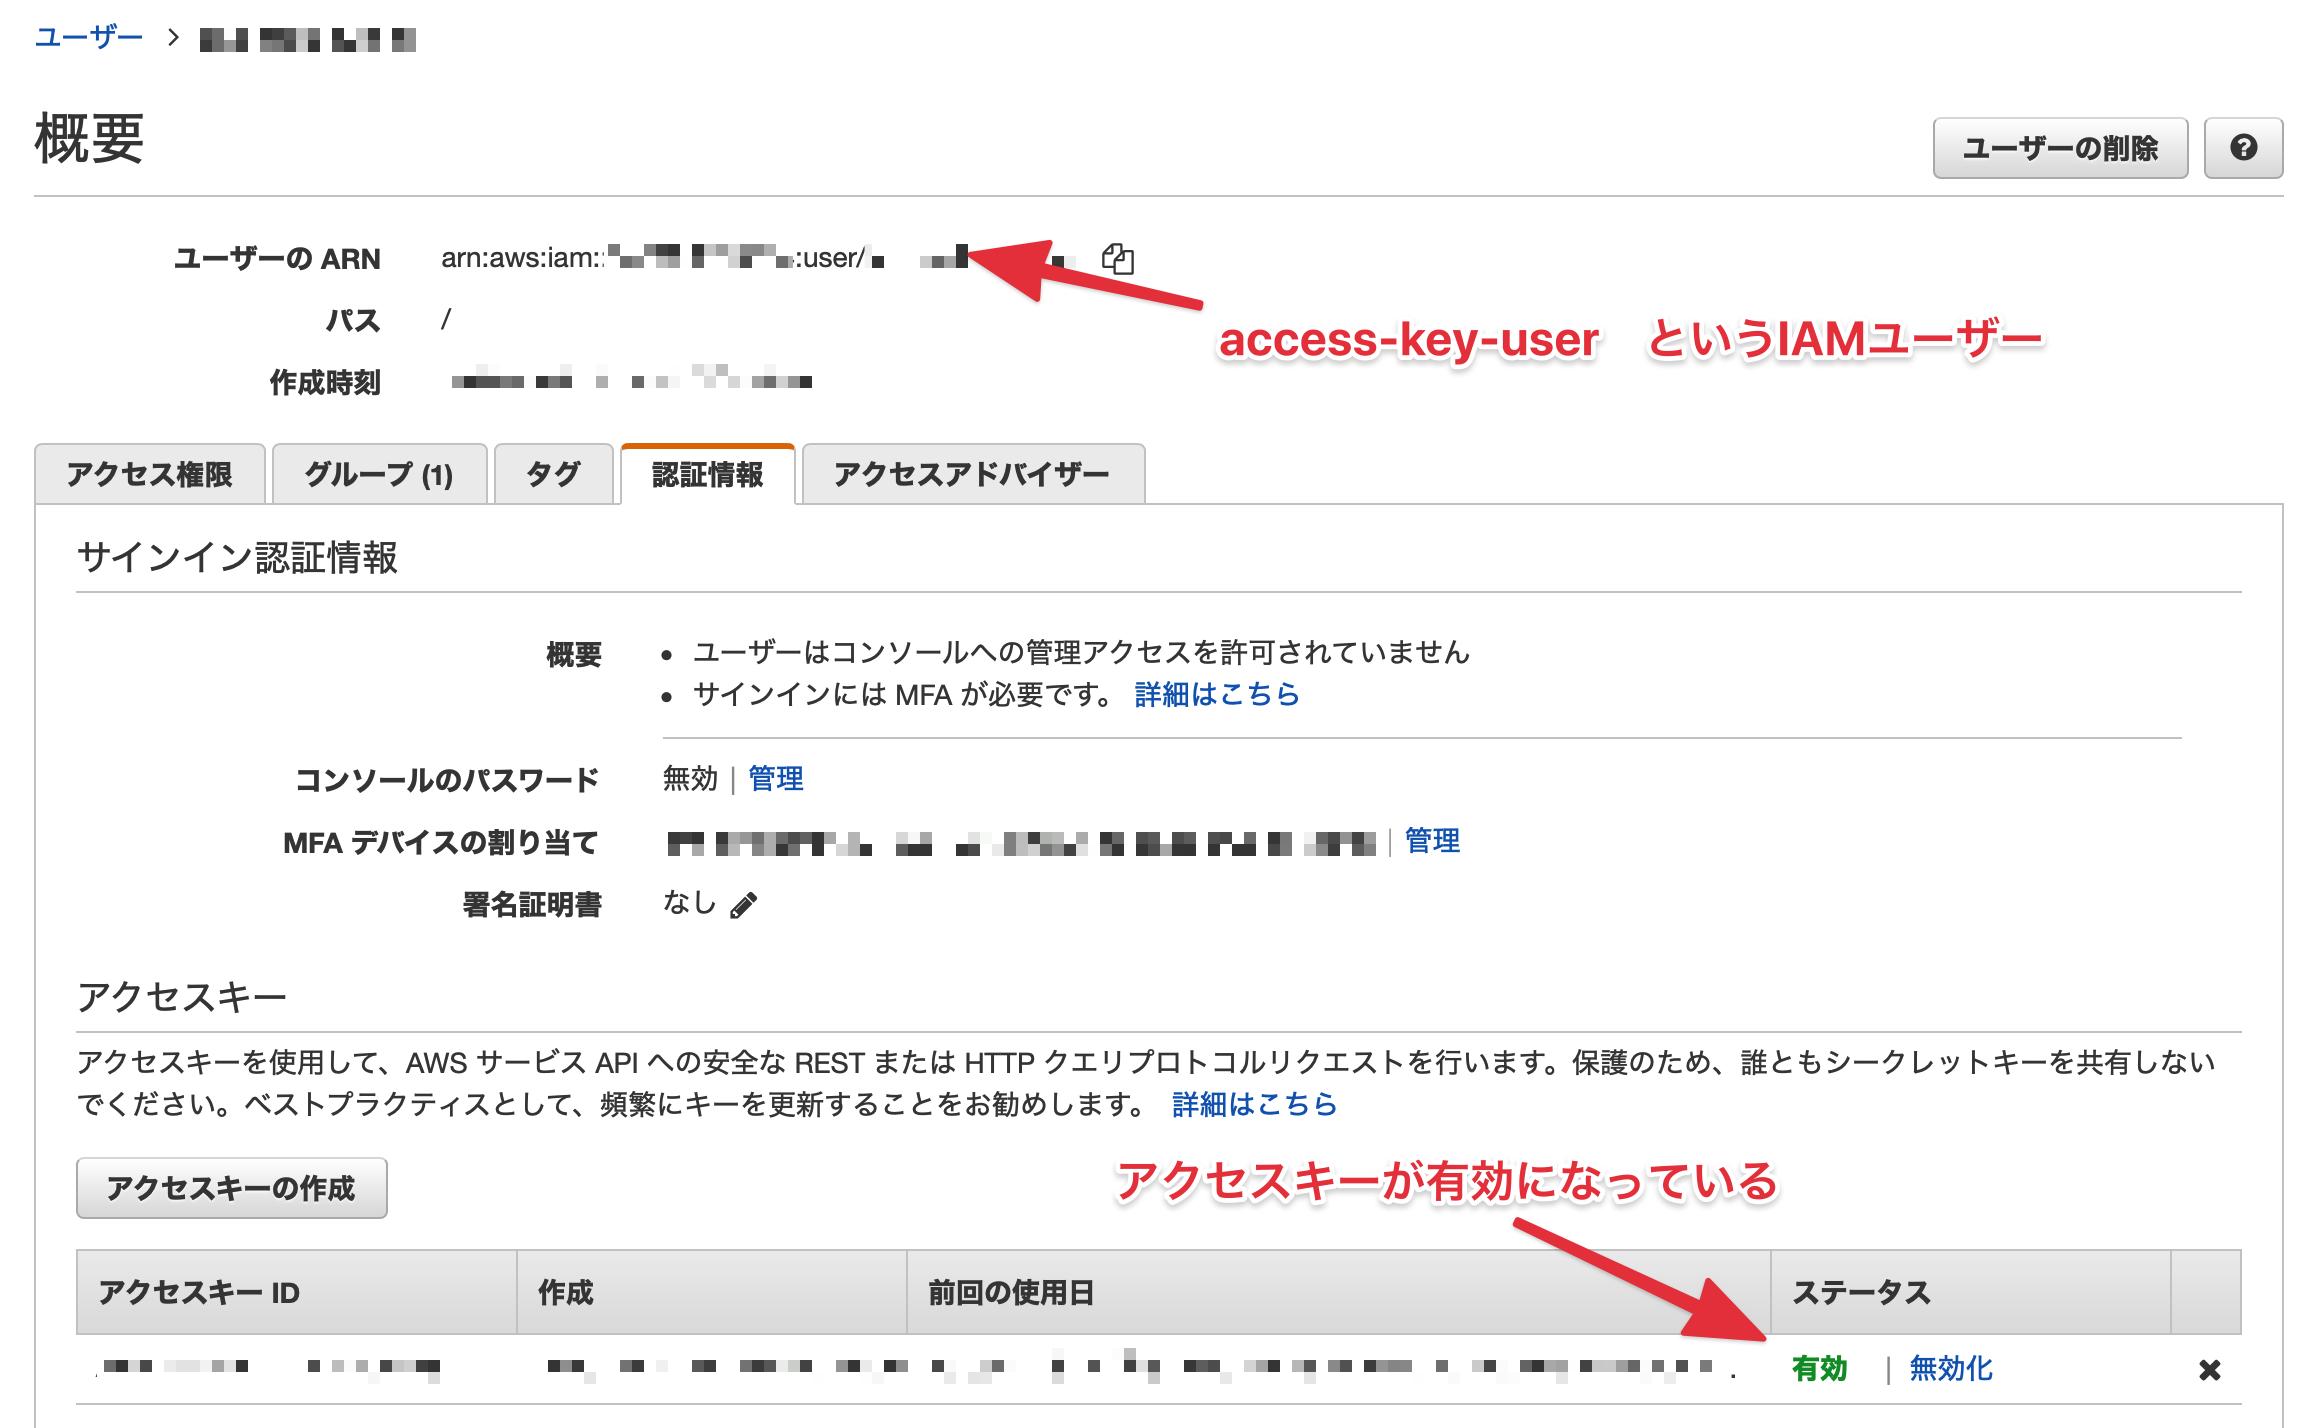 IAMユーザーの例